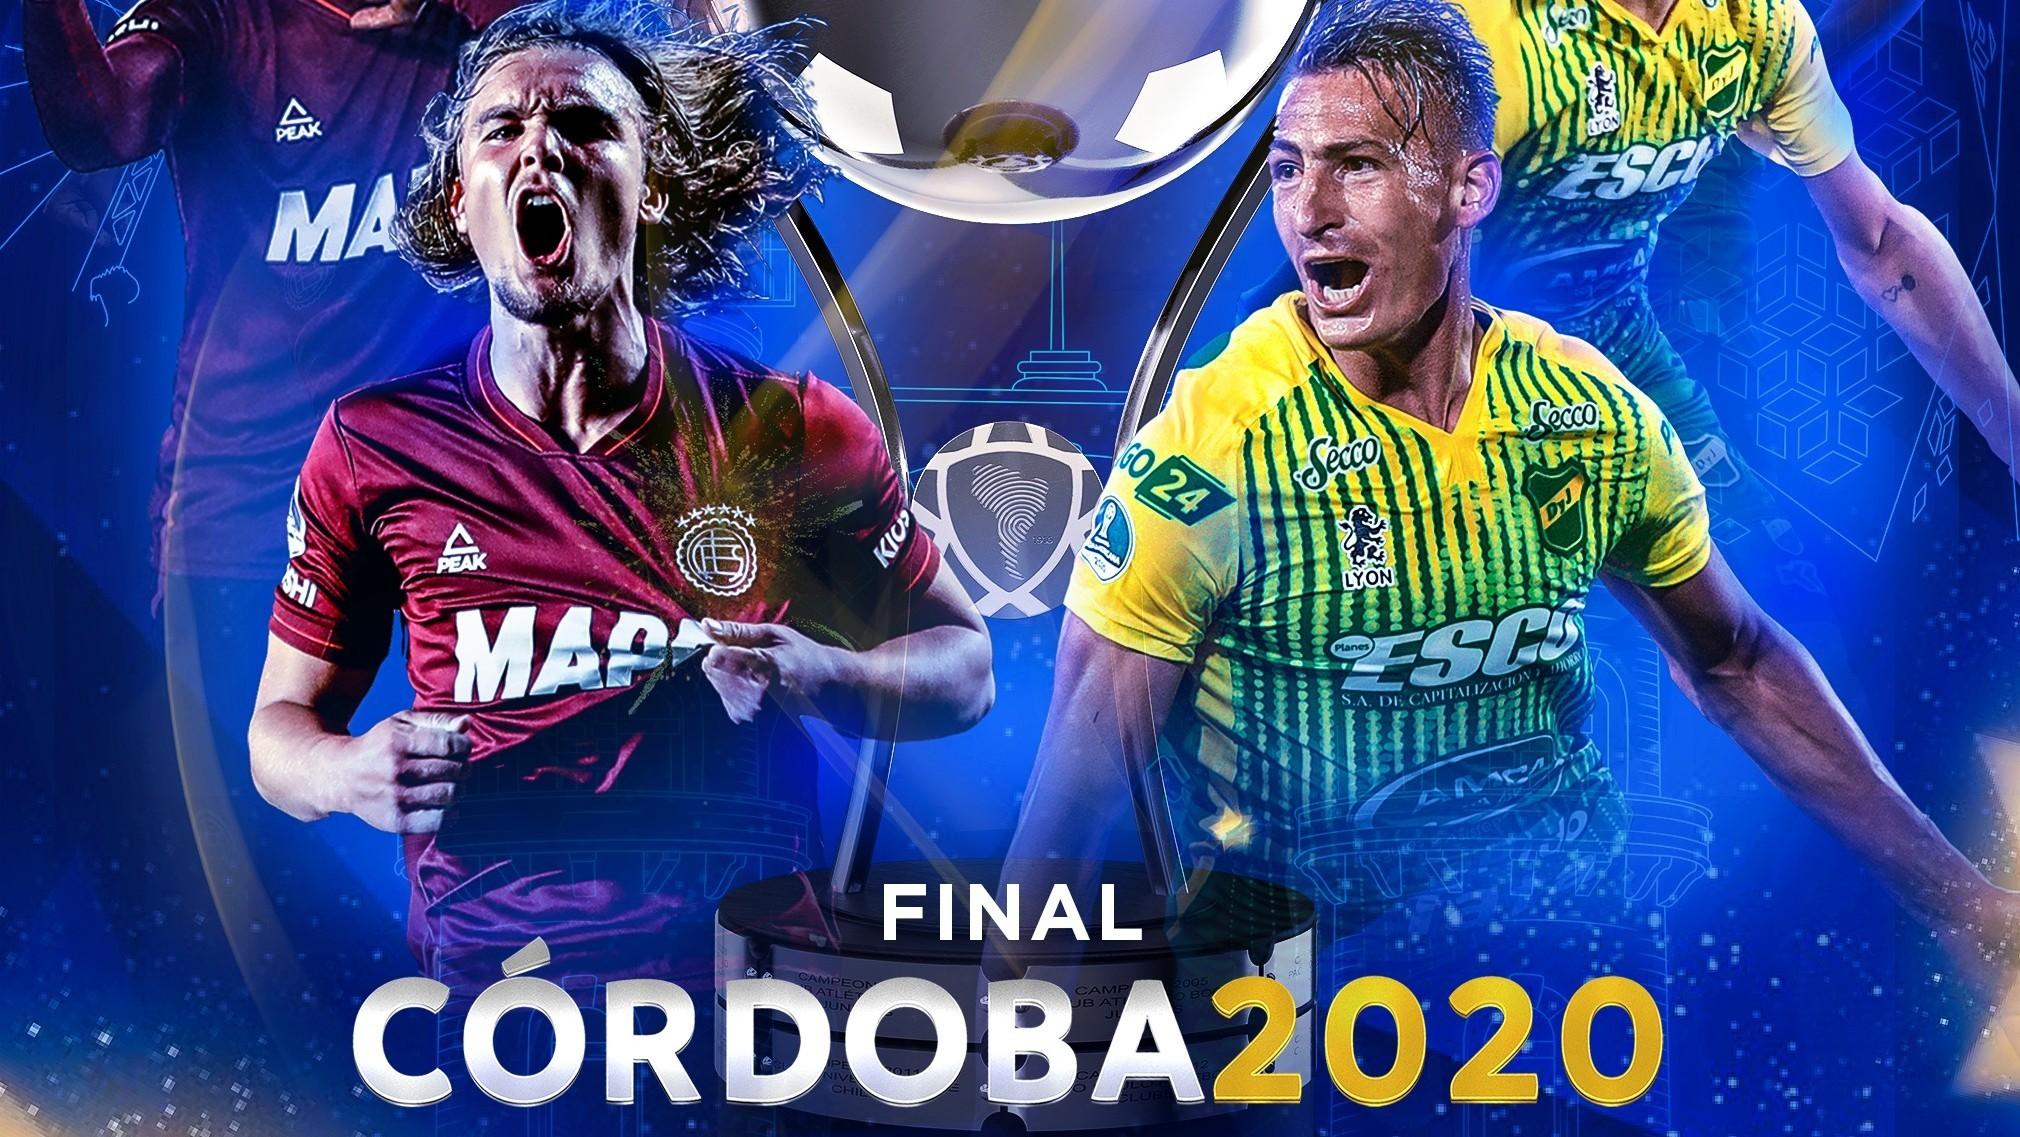 Final Copa Sudamericana 2020: Lanús vs Defensa y Justicia: Lista la final  de la Copa Sudamericana: cuándo es, dónde se juega y a qué hora | MARCA  Claro Argentina